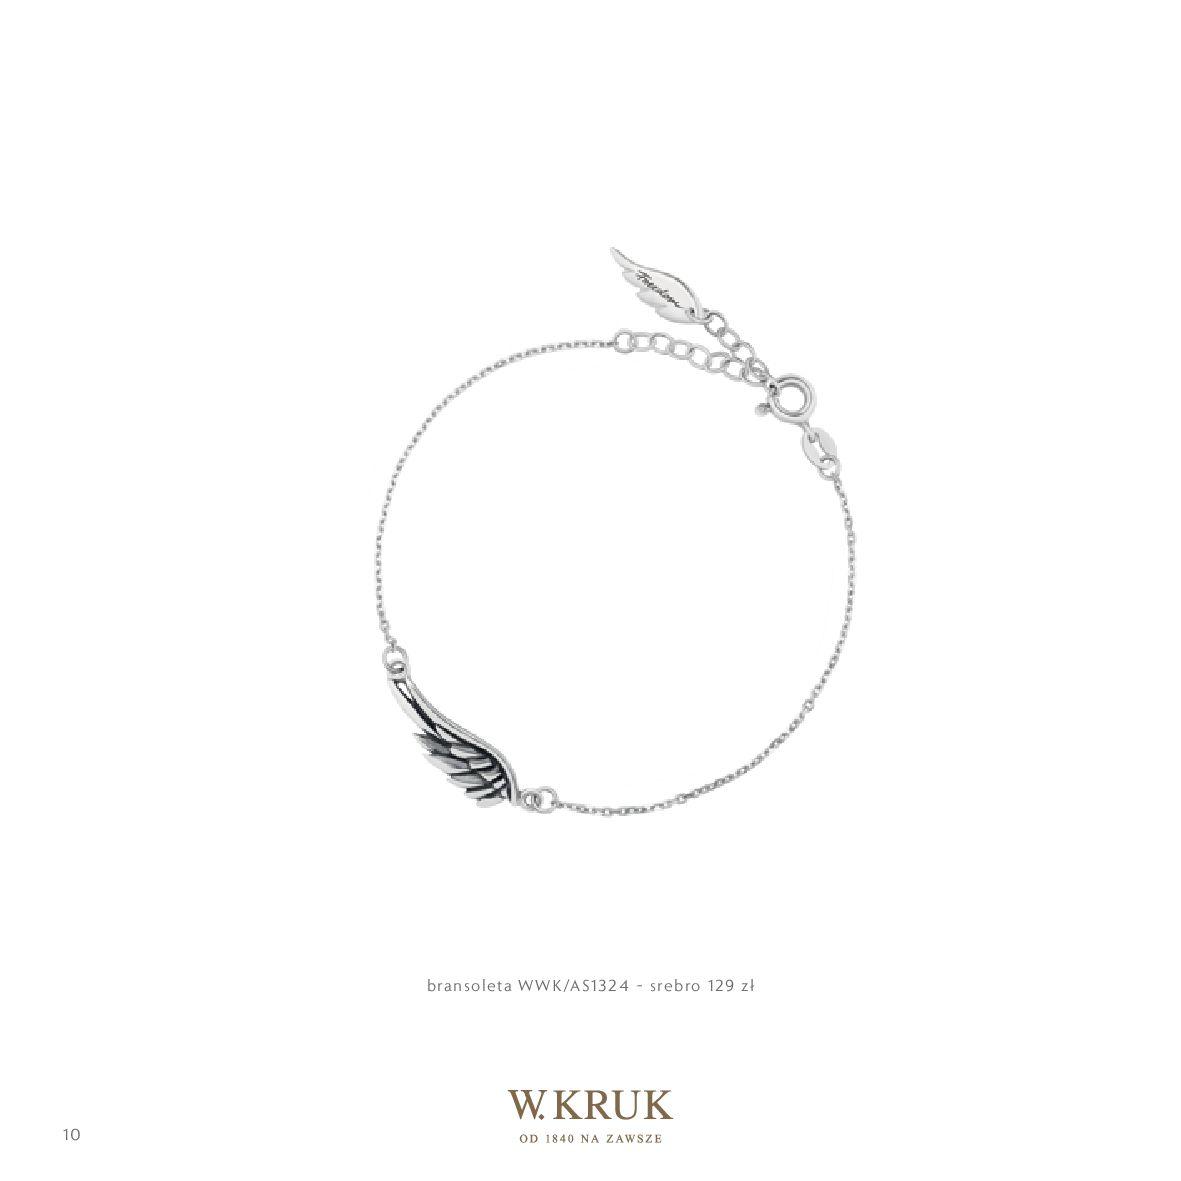 Gazetka W. KRUK: Katalog - Kolekcja Freedom 2021-02-17 page-12